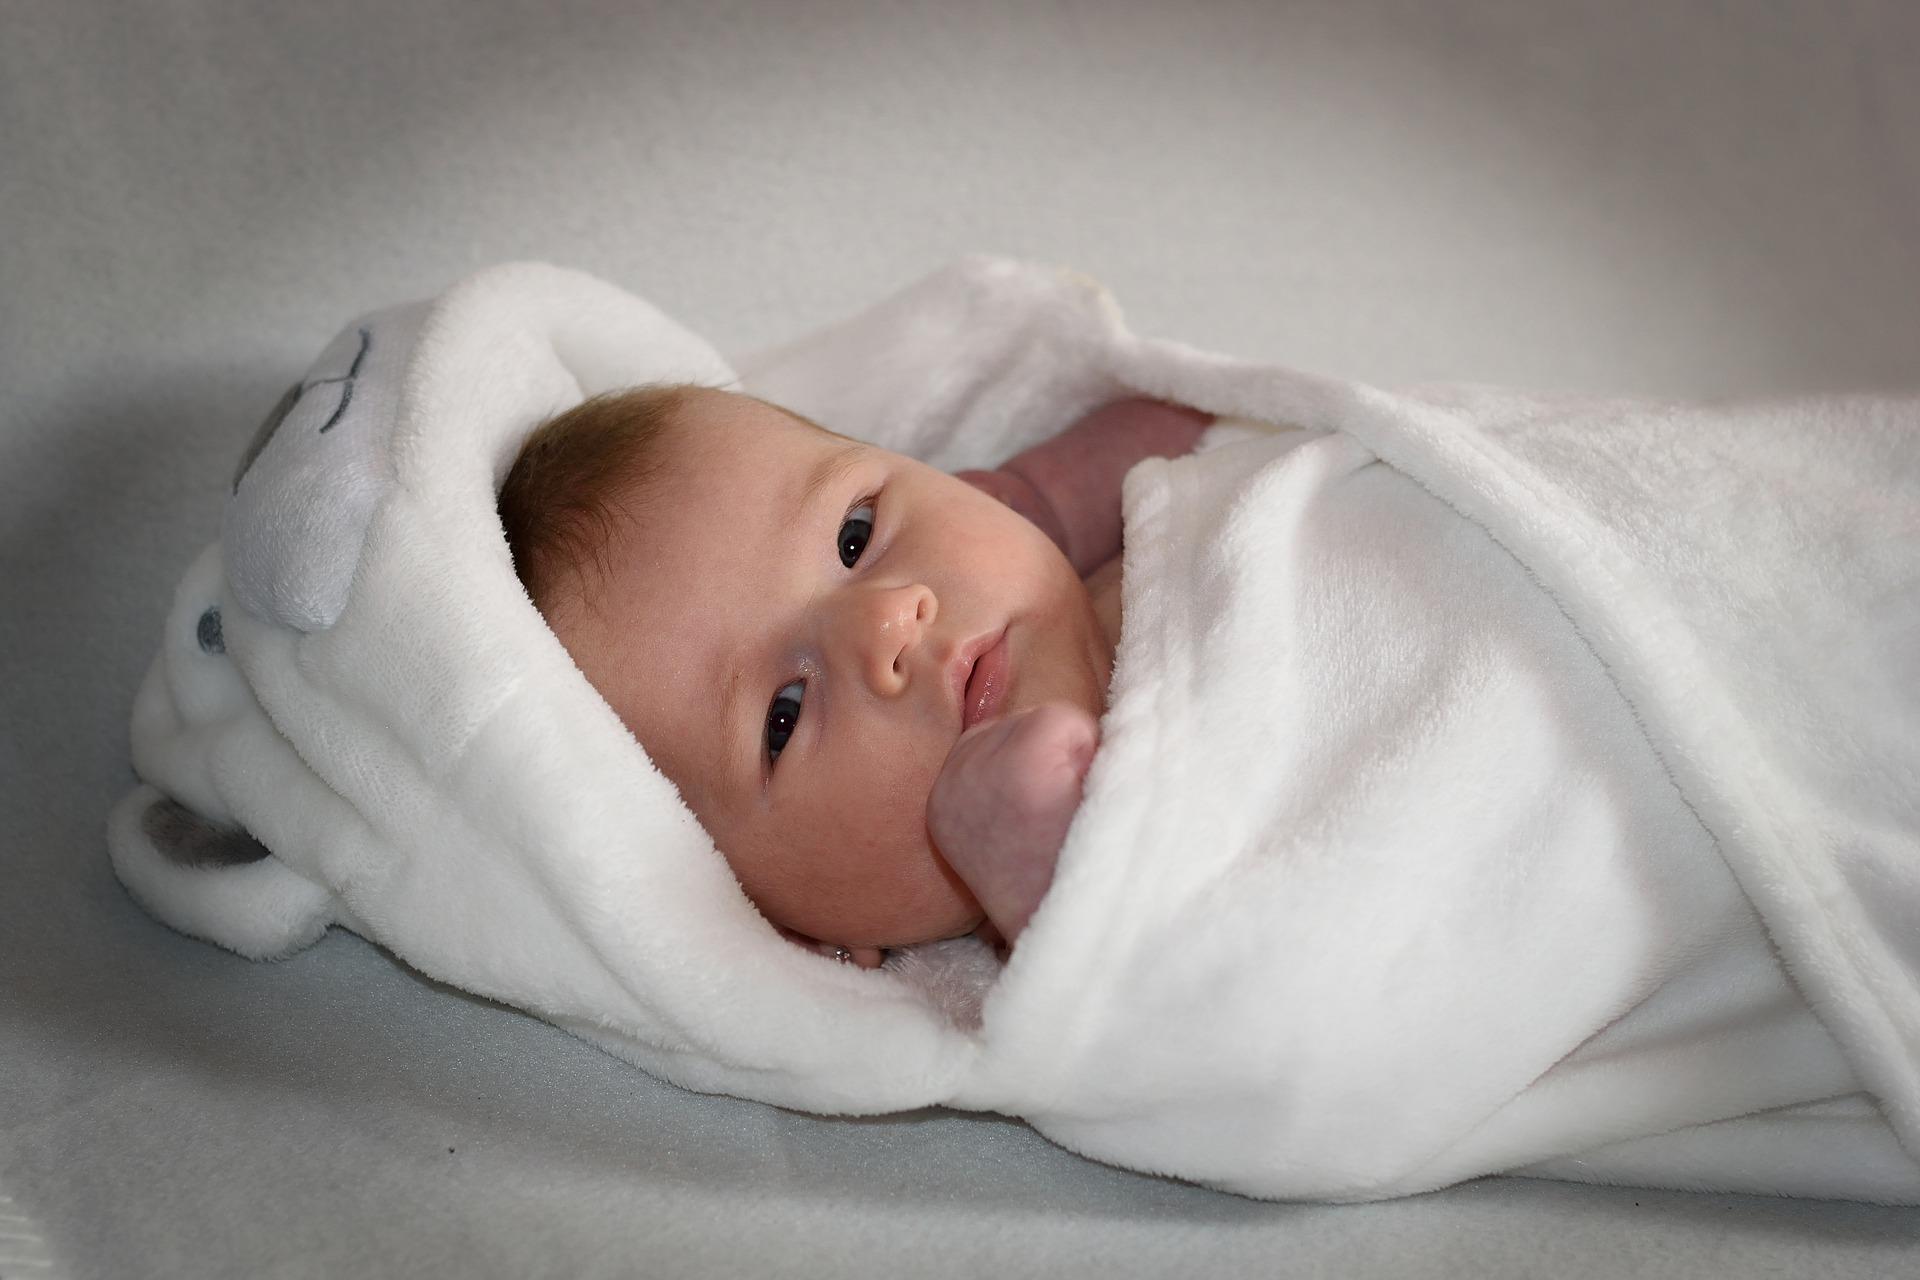 la piel del recién nacido